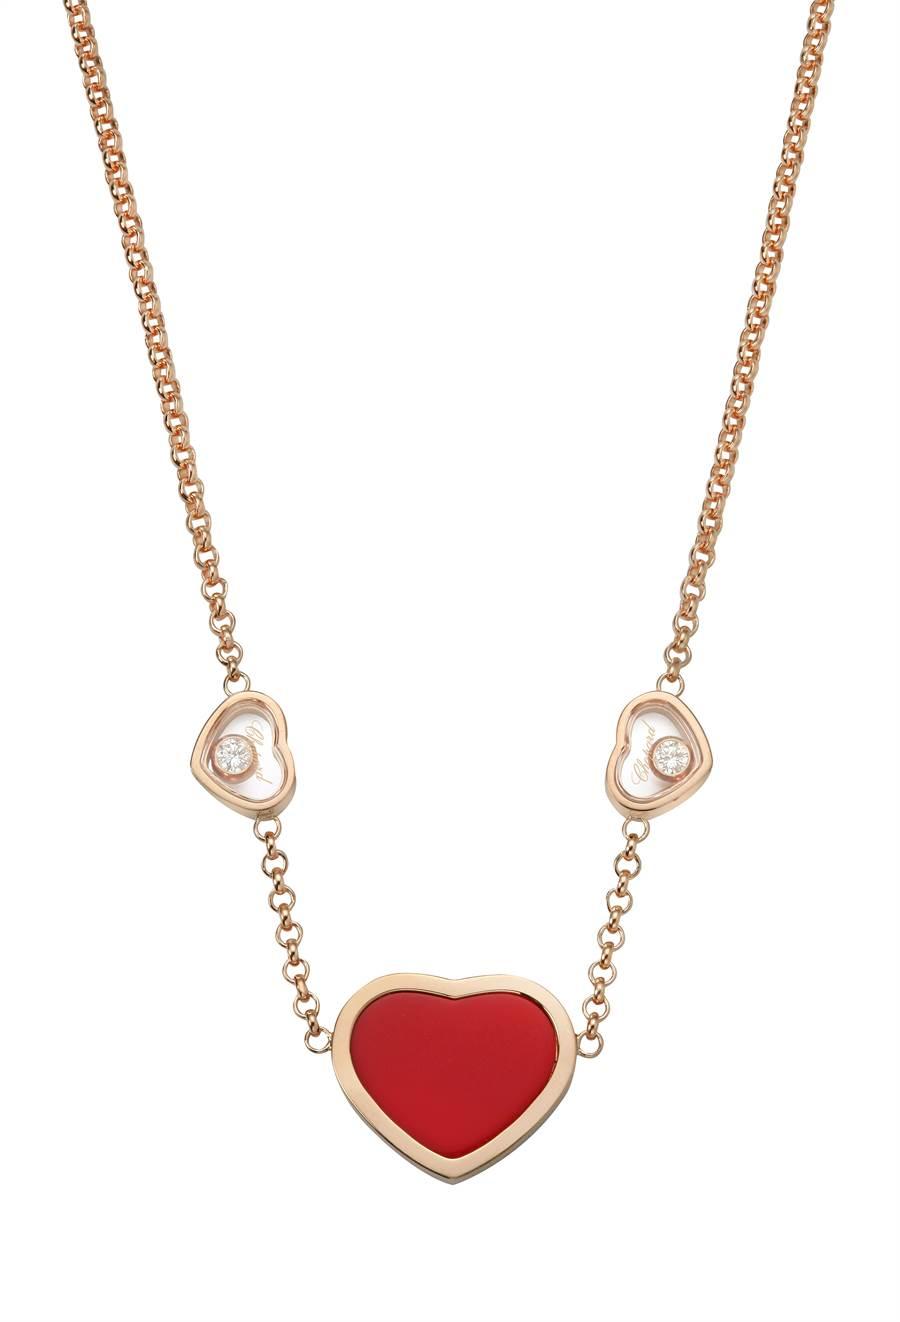 蕭邦Happy Hearts項鍊,滑動鑽石置身兩層透明藍寶石水晶之間,10萬8000元。(Chopard提供)